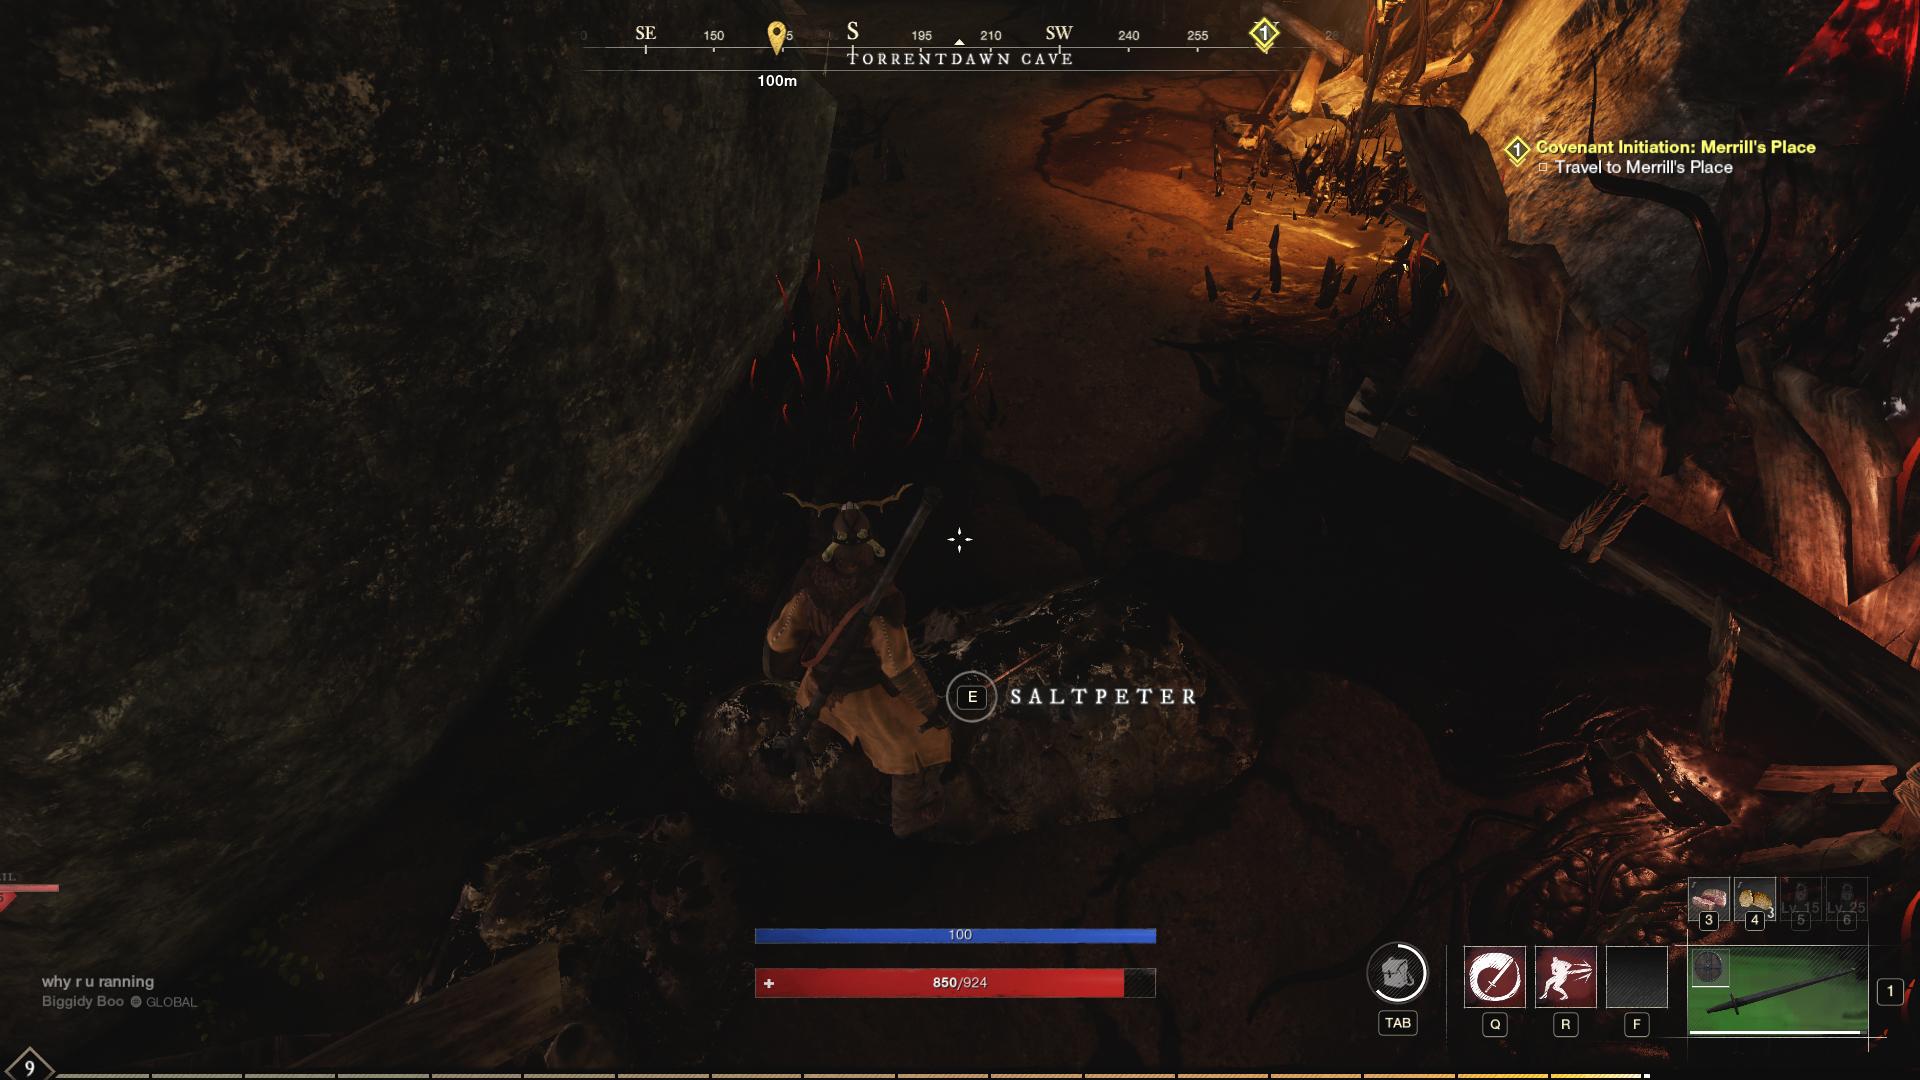 Where to Find Saltpeter - New World Gunpowder - GosuNoob.com